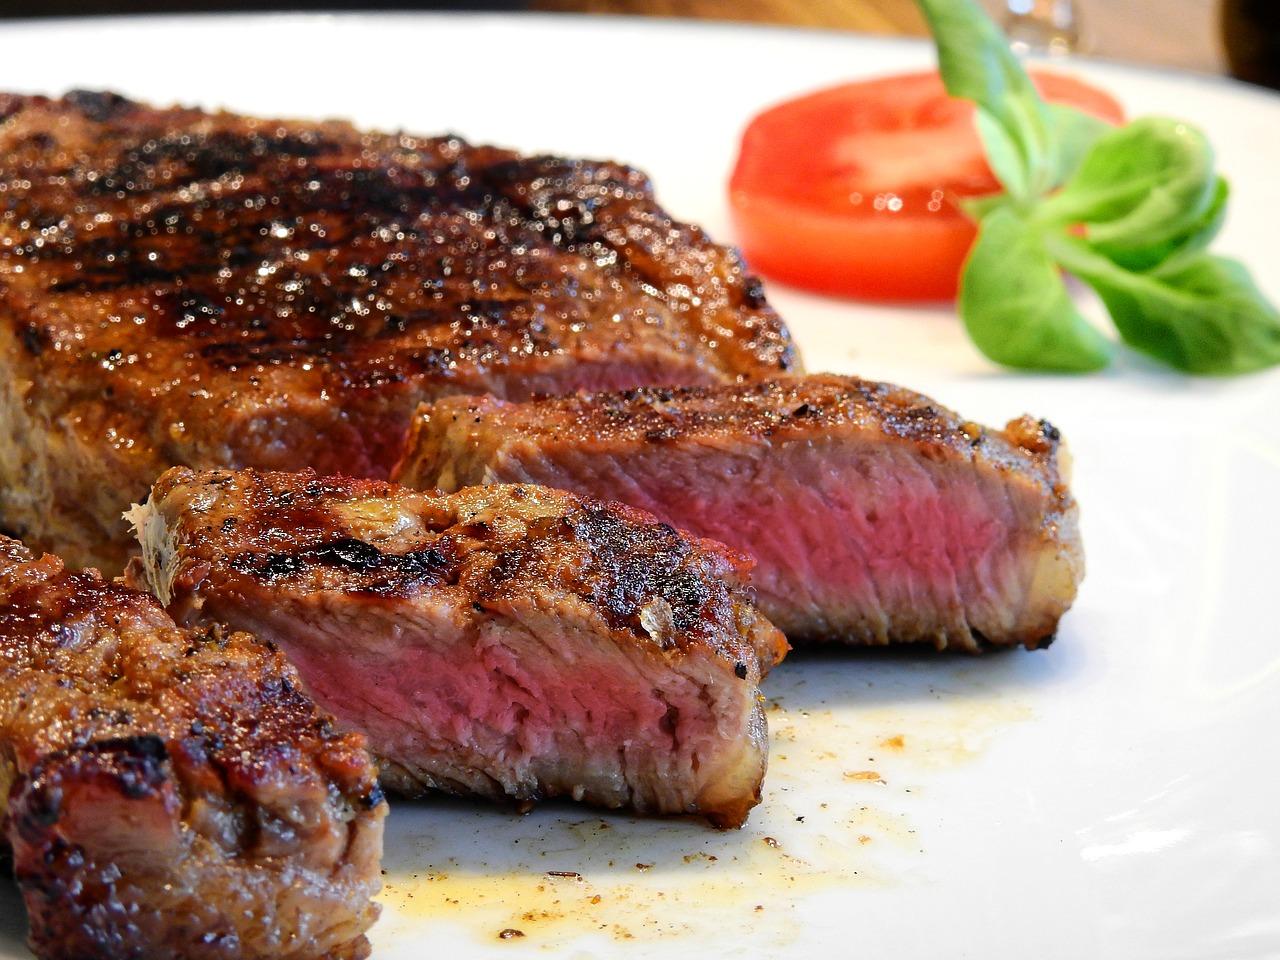 chicken marinade, chicken recipes, grilling recipes, marinade, steak marinade, steak recipes, venison marinade